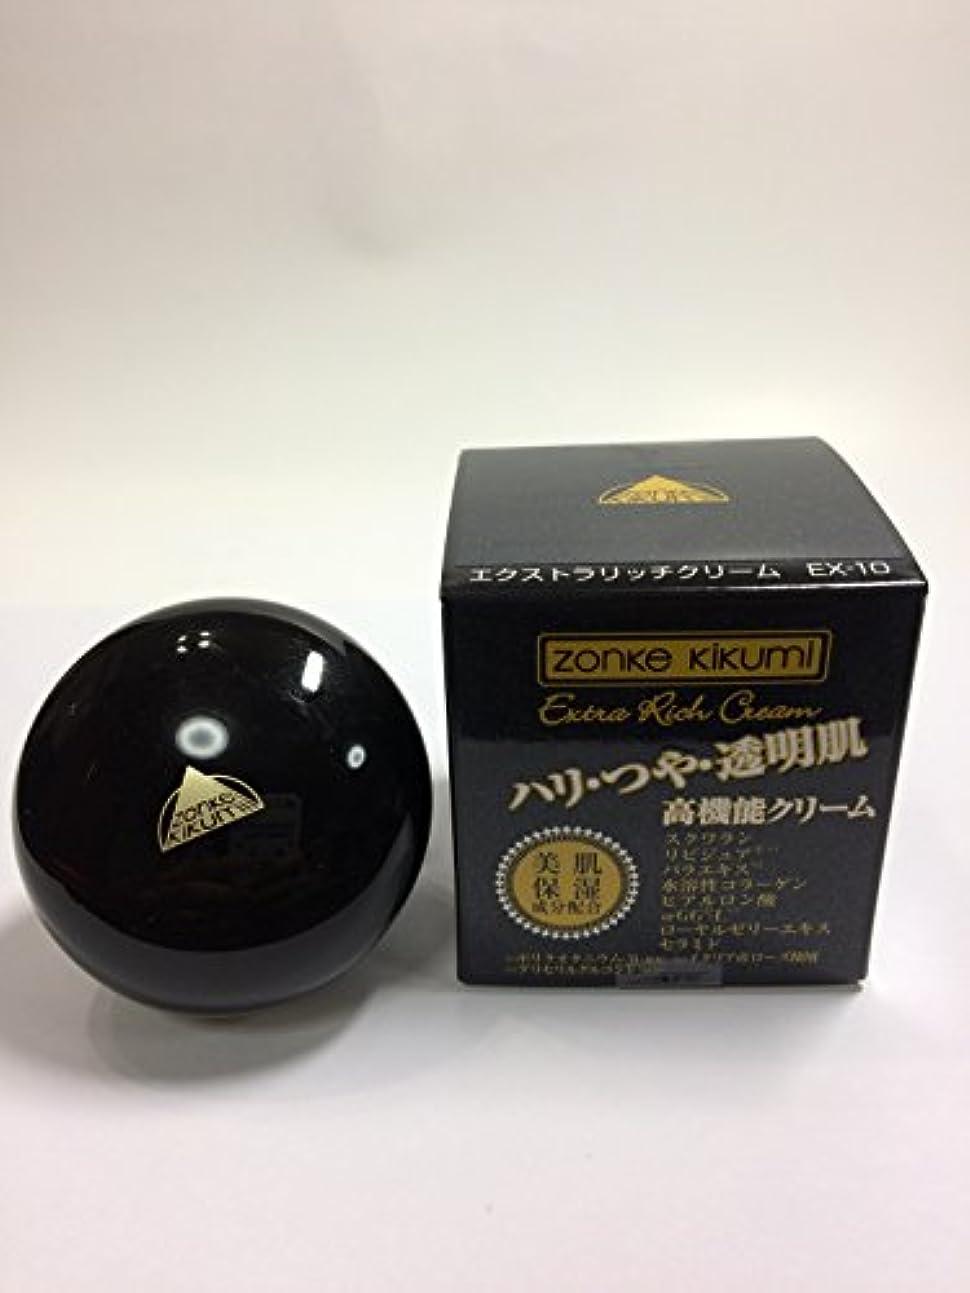 ゴルフ無実明示的にゾンケ エキストラリッチクリームEX-10